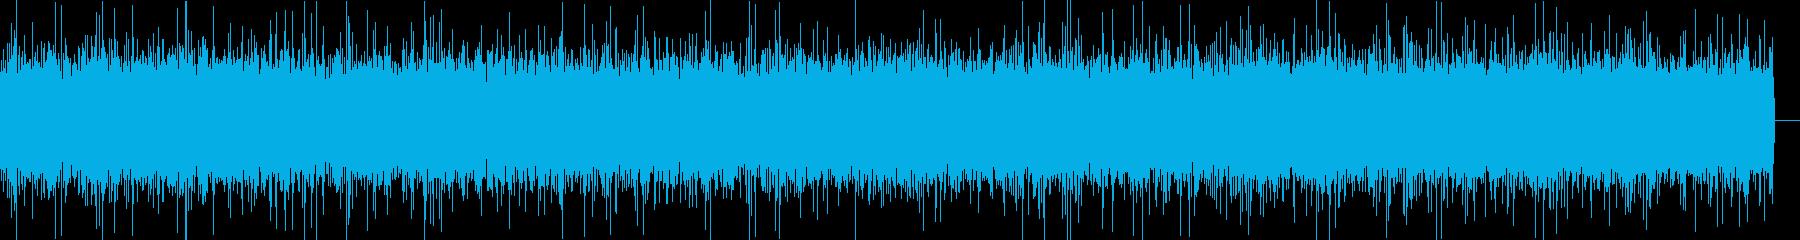 川の音・中規模(北海道)の再生済みの波形